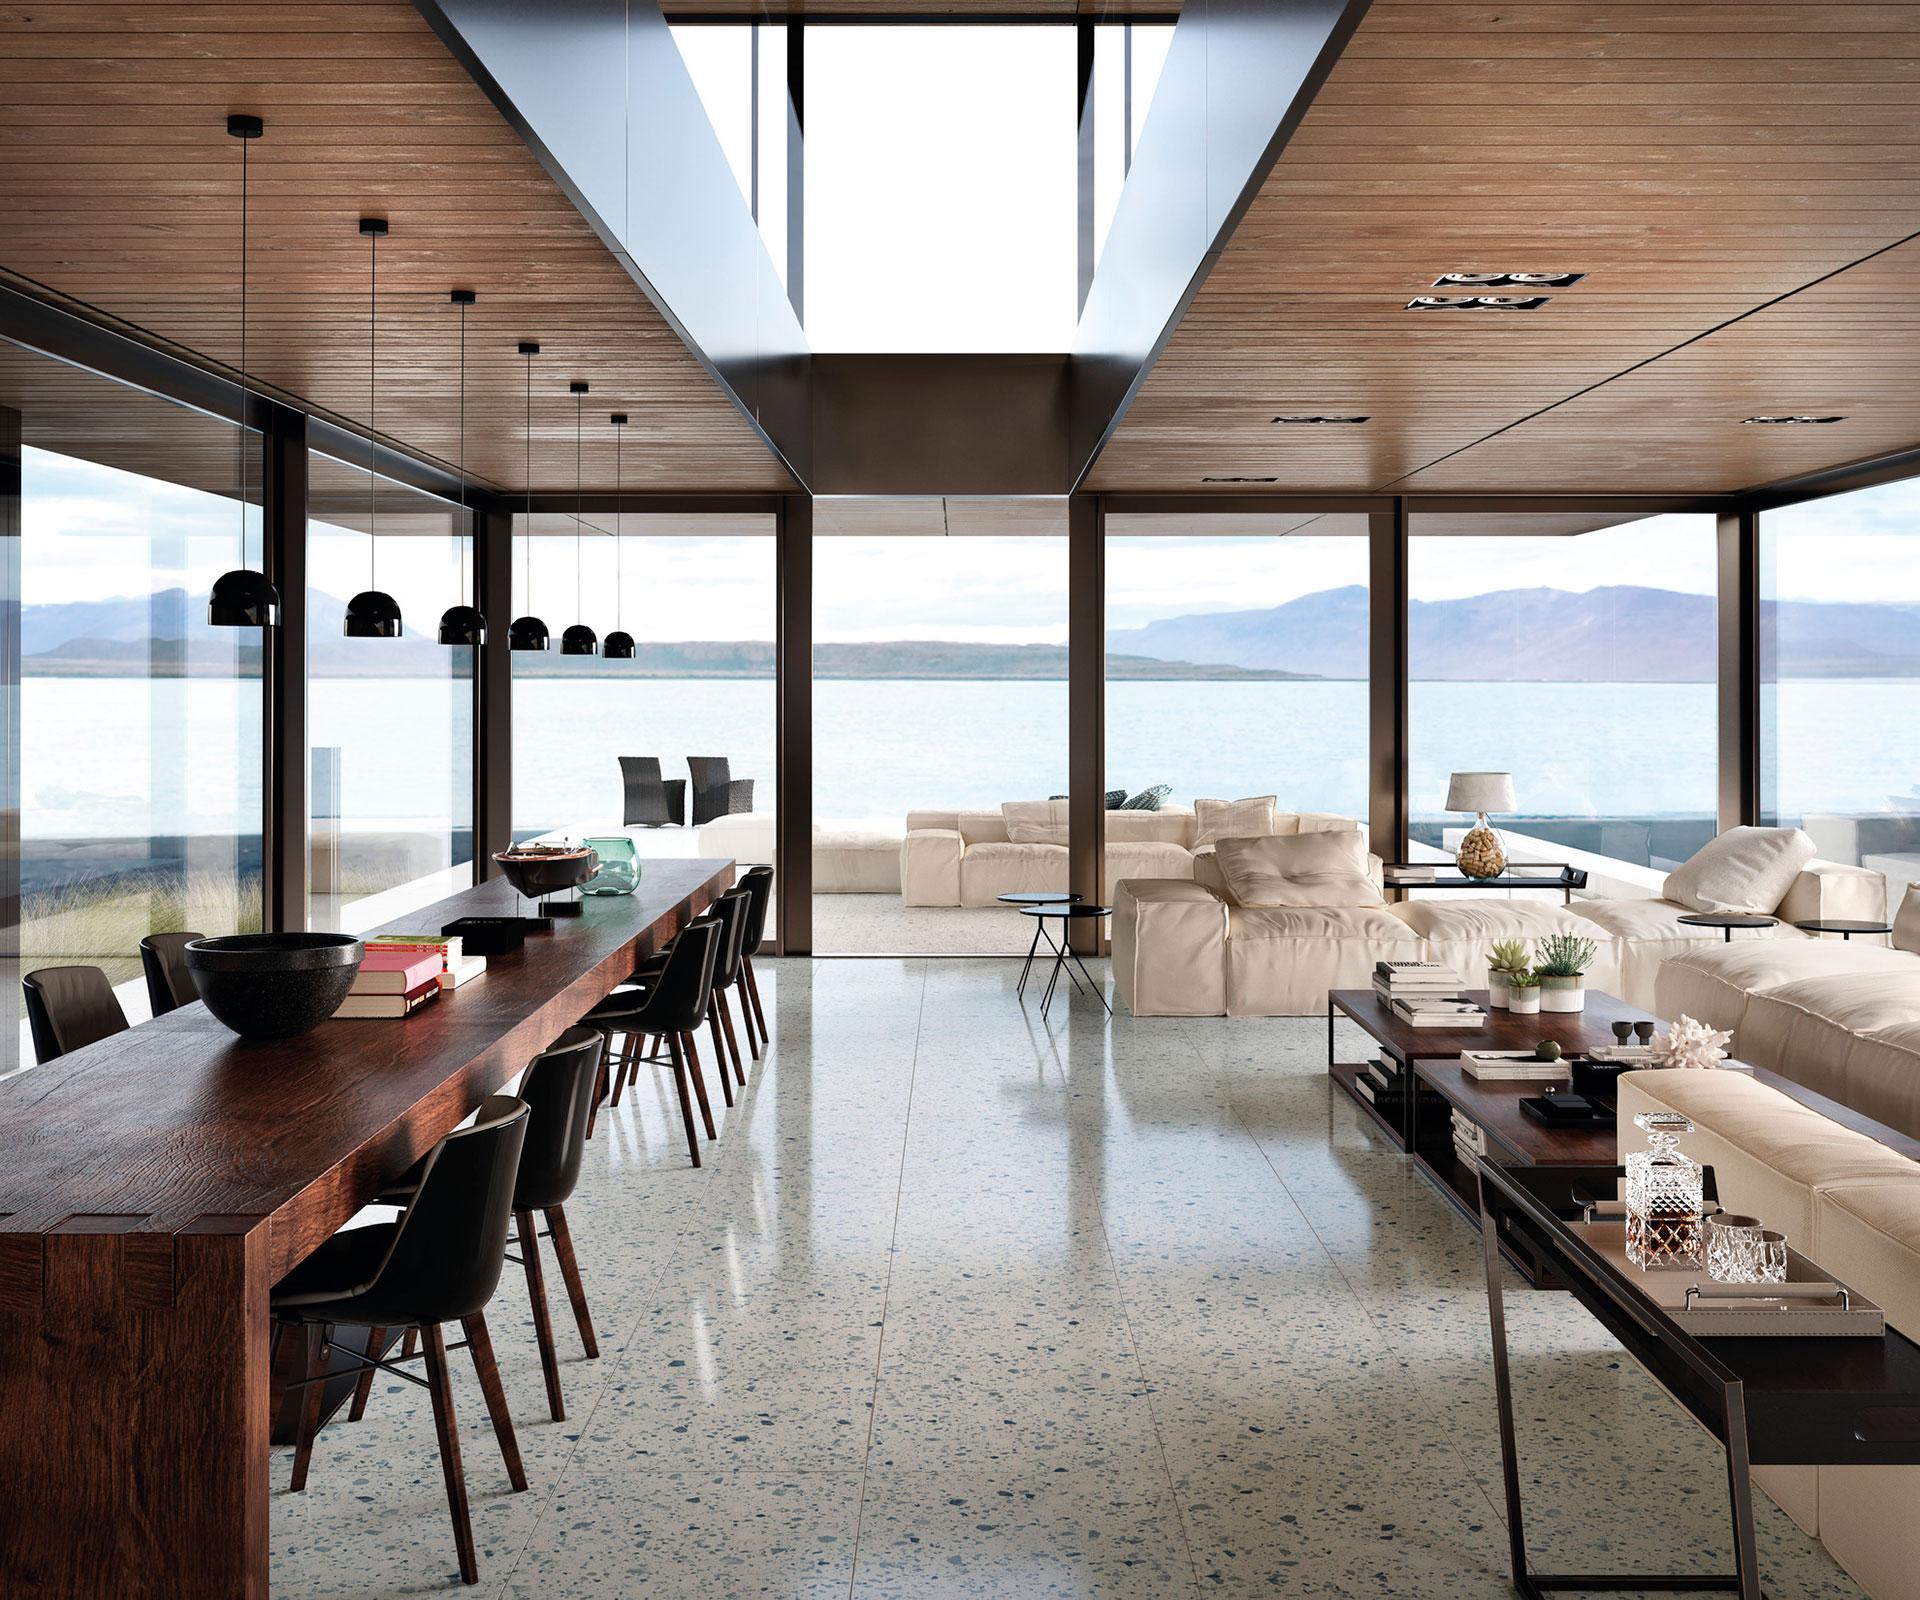 Maison Du Monde Terrazzo nouvelles collections fmg : revivez le charme du terrazzo